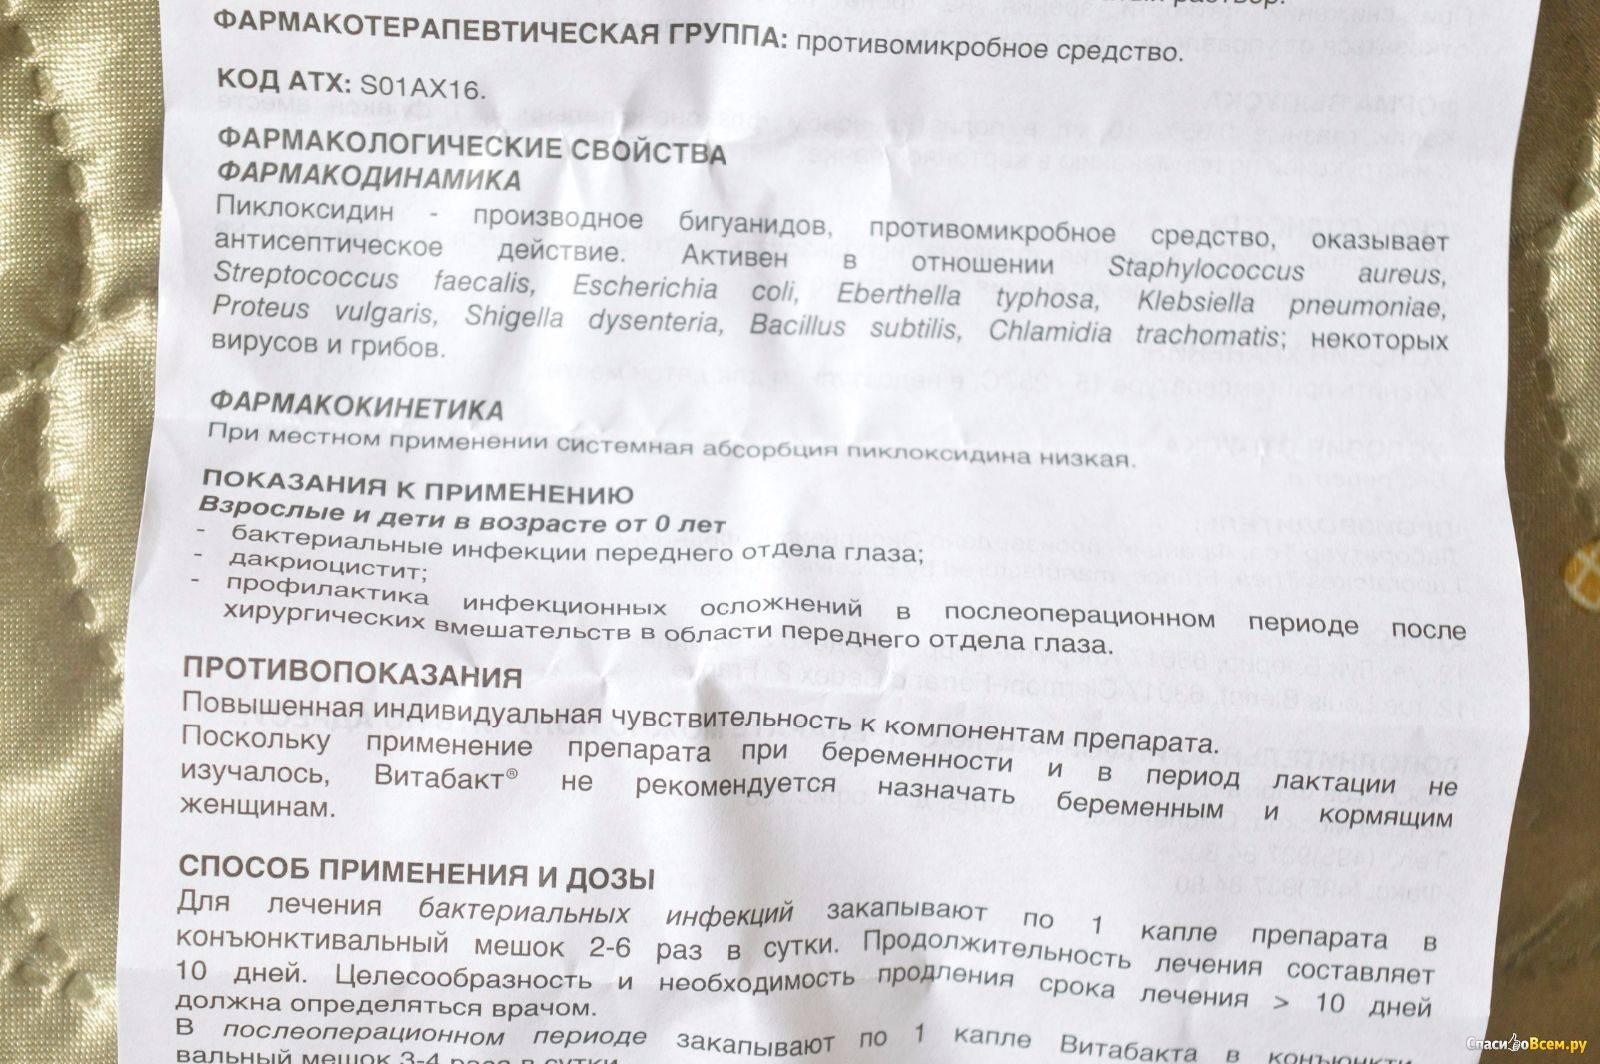 Глазные капли витабакт: полная инструкция по применению для новорожденных детей - rosmedportal.ru